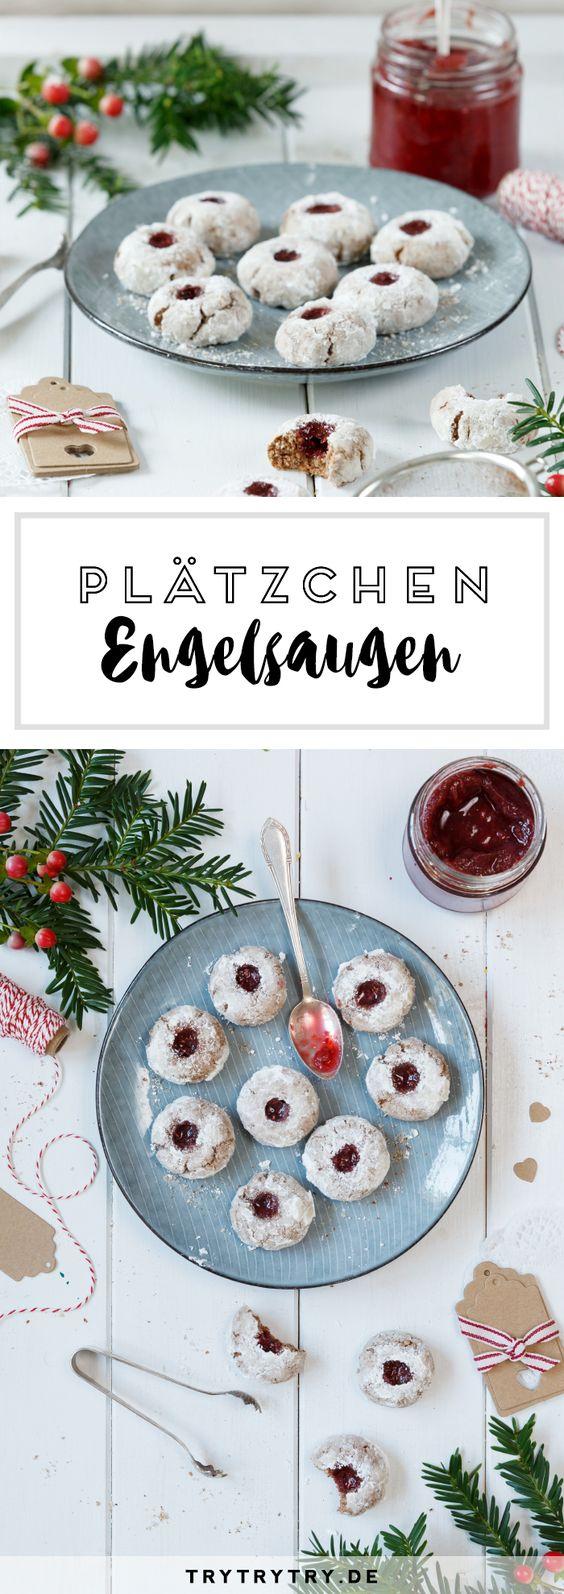 Engelsaugen: Plätzchenrezept in der Weihnachtsbäckerei